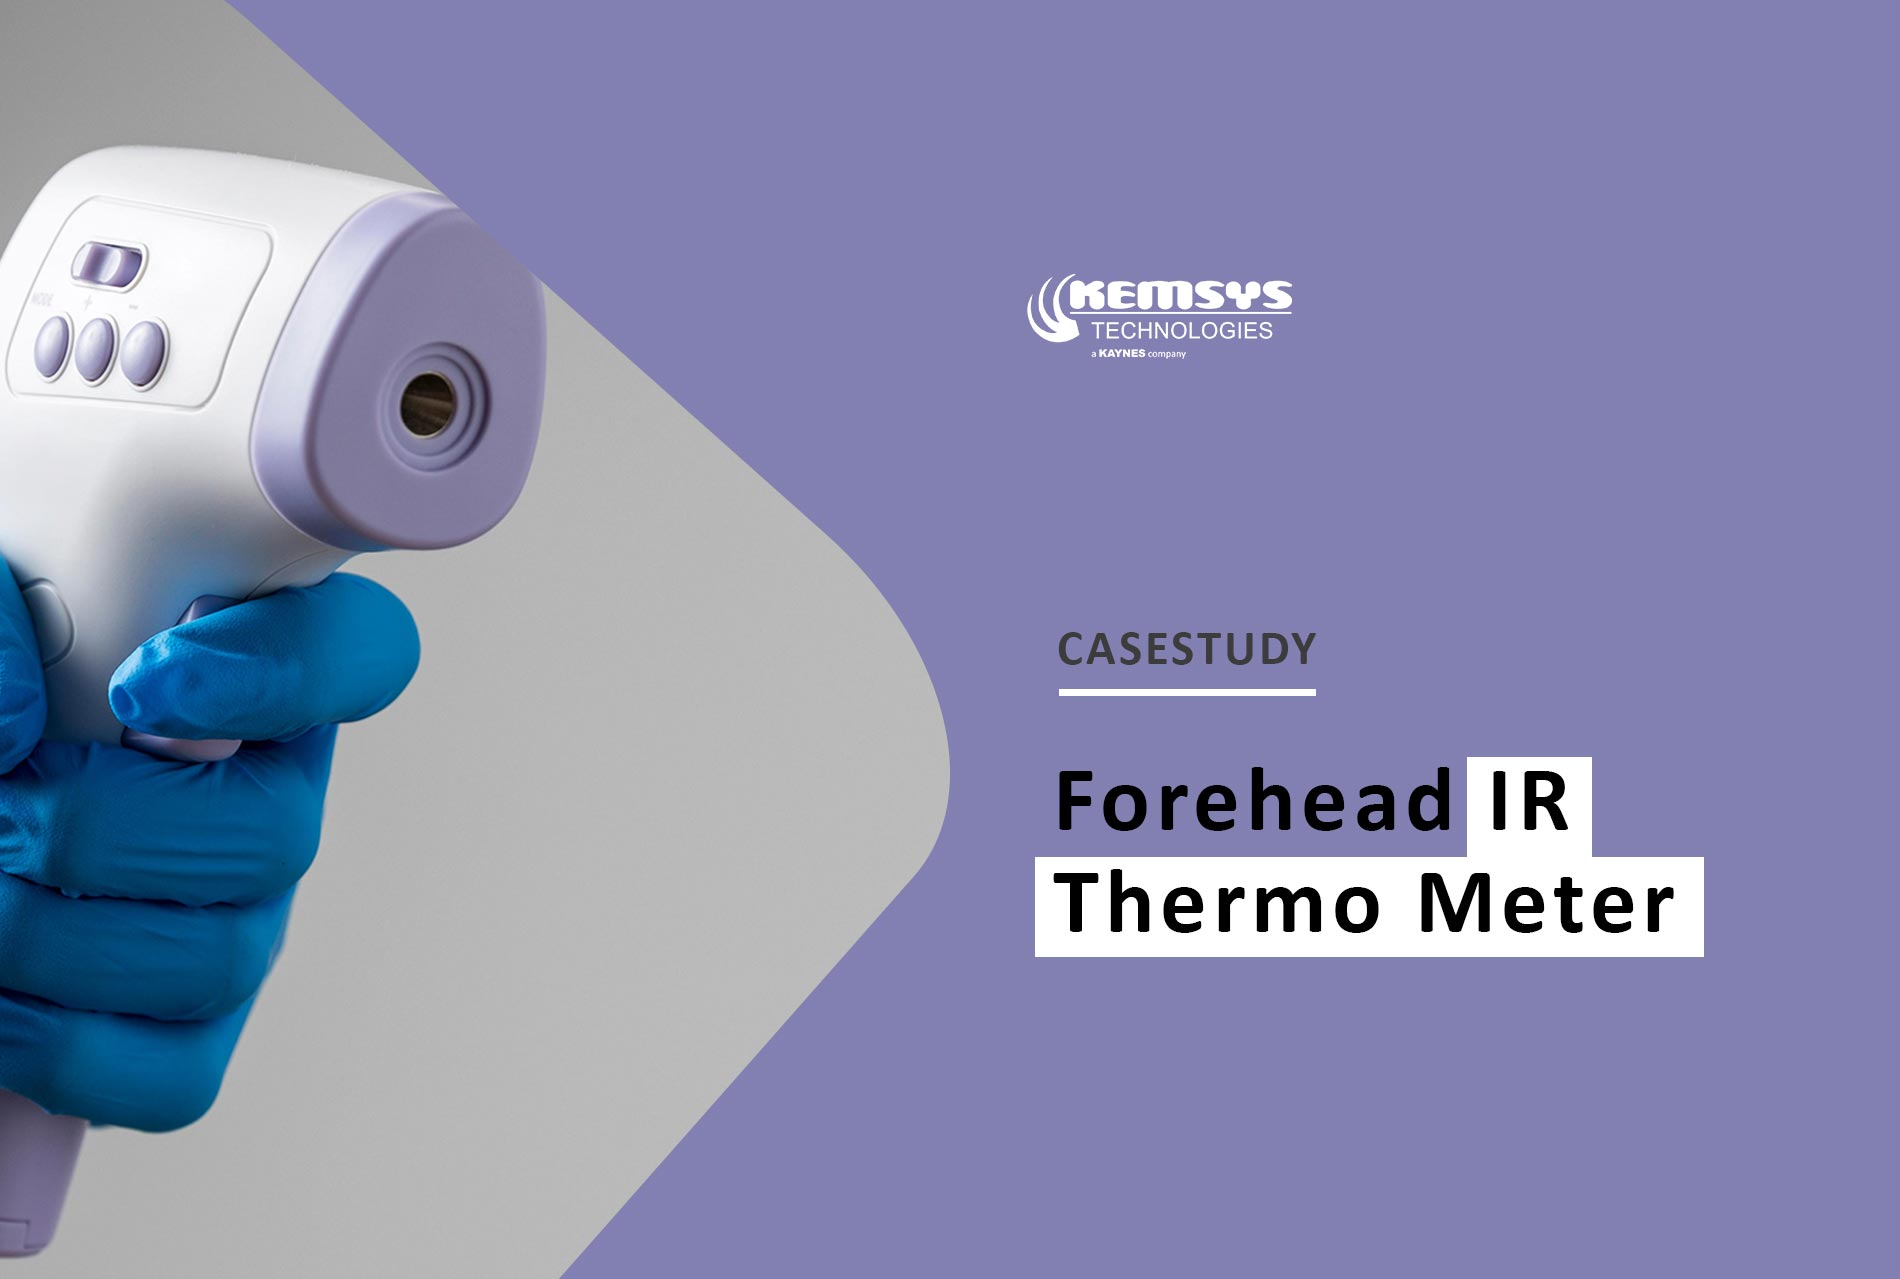 Forehead-IR-Thermometer-Kemsys_